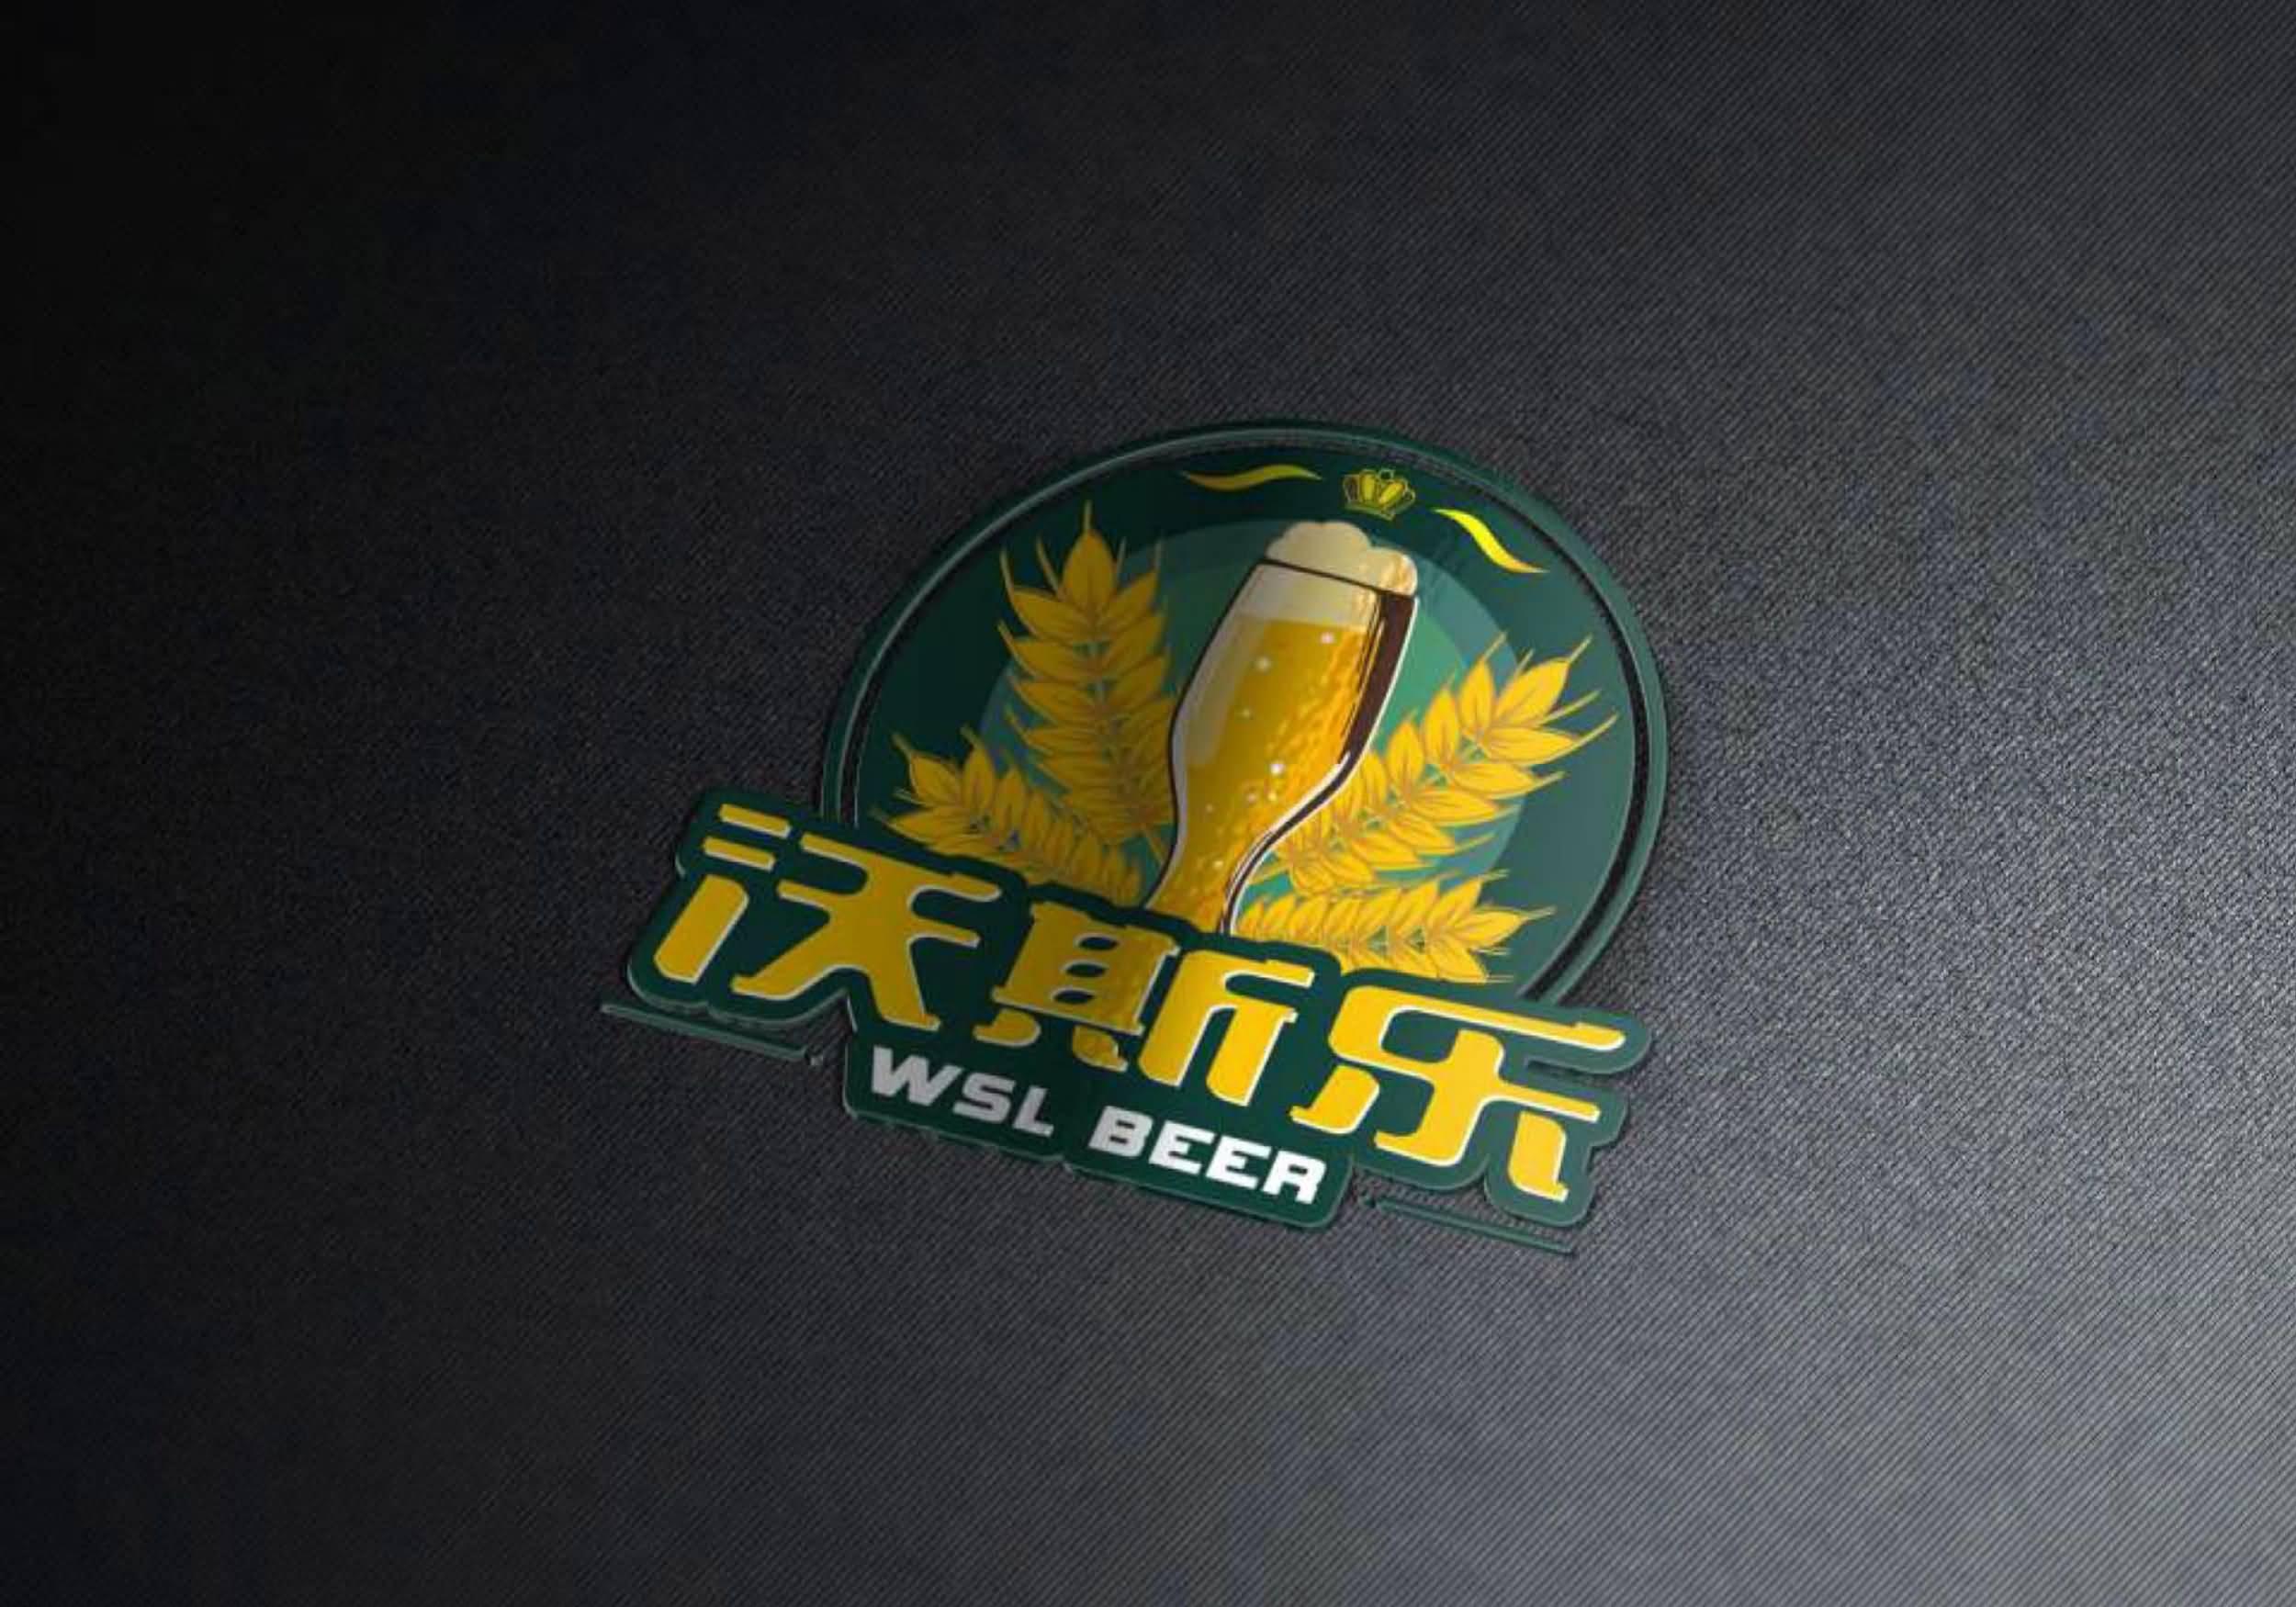 湖南沃斯乐啤酒有限公司8